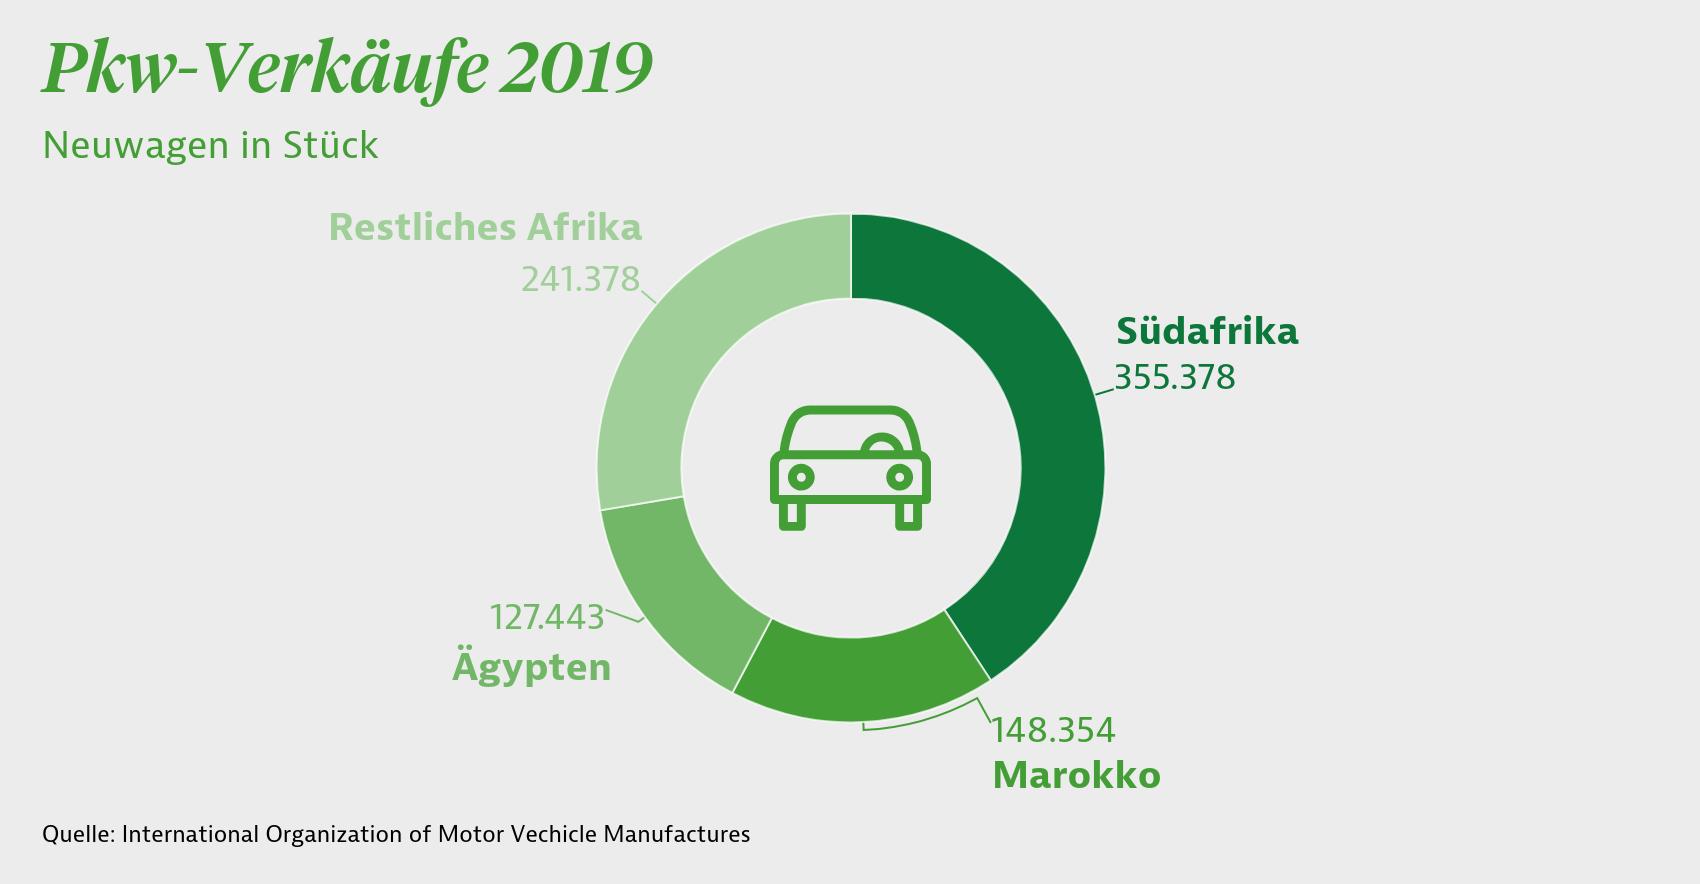 Pkw-Verkäufe 2019 in Afrika